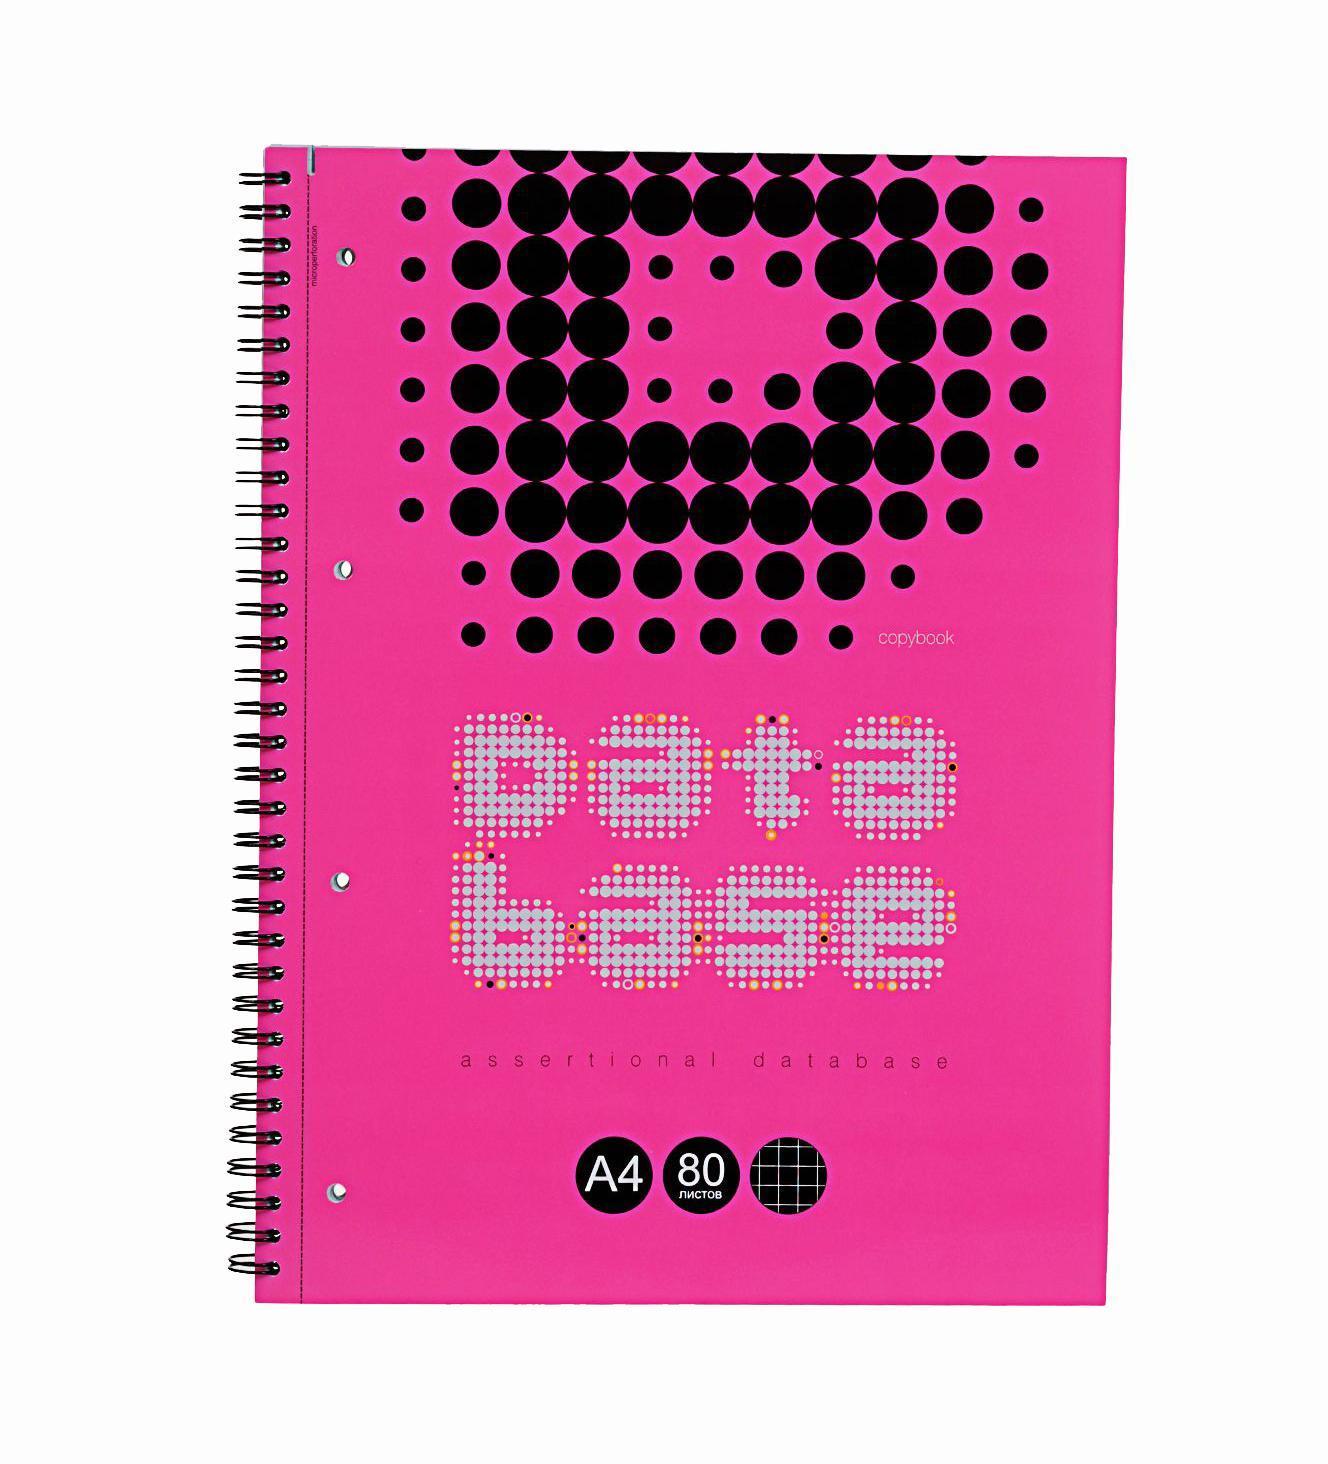 Тетрадь на спирали А4, 80л Database,3 пантона (2 неон),ламинат (глянцевый),розовая (круги черные)72523WDтетрадь на спирали А4,80л Database, 3 пантона (2 неон), ламинат (глянцевый), розовая (круги черные)